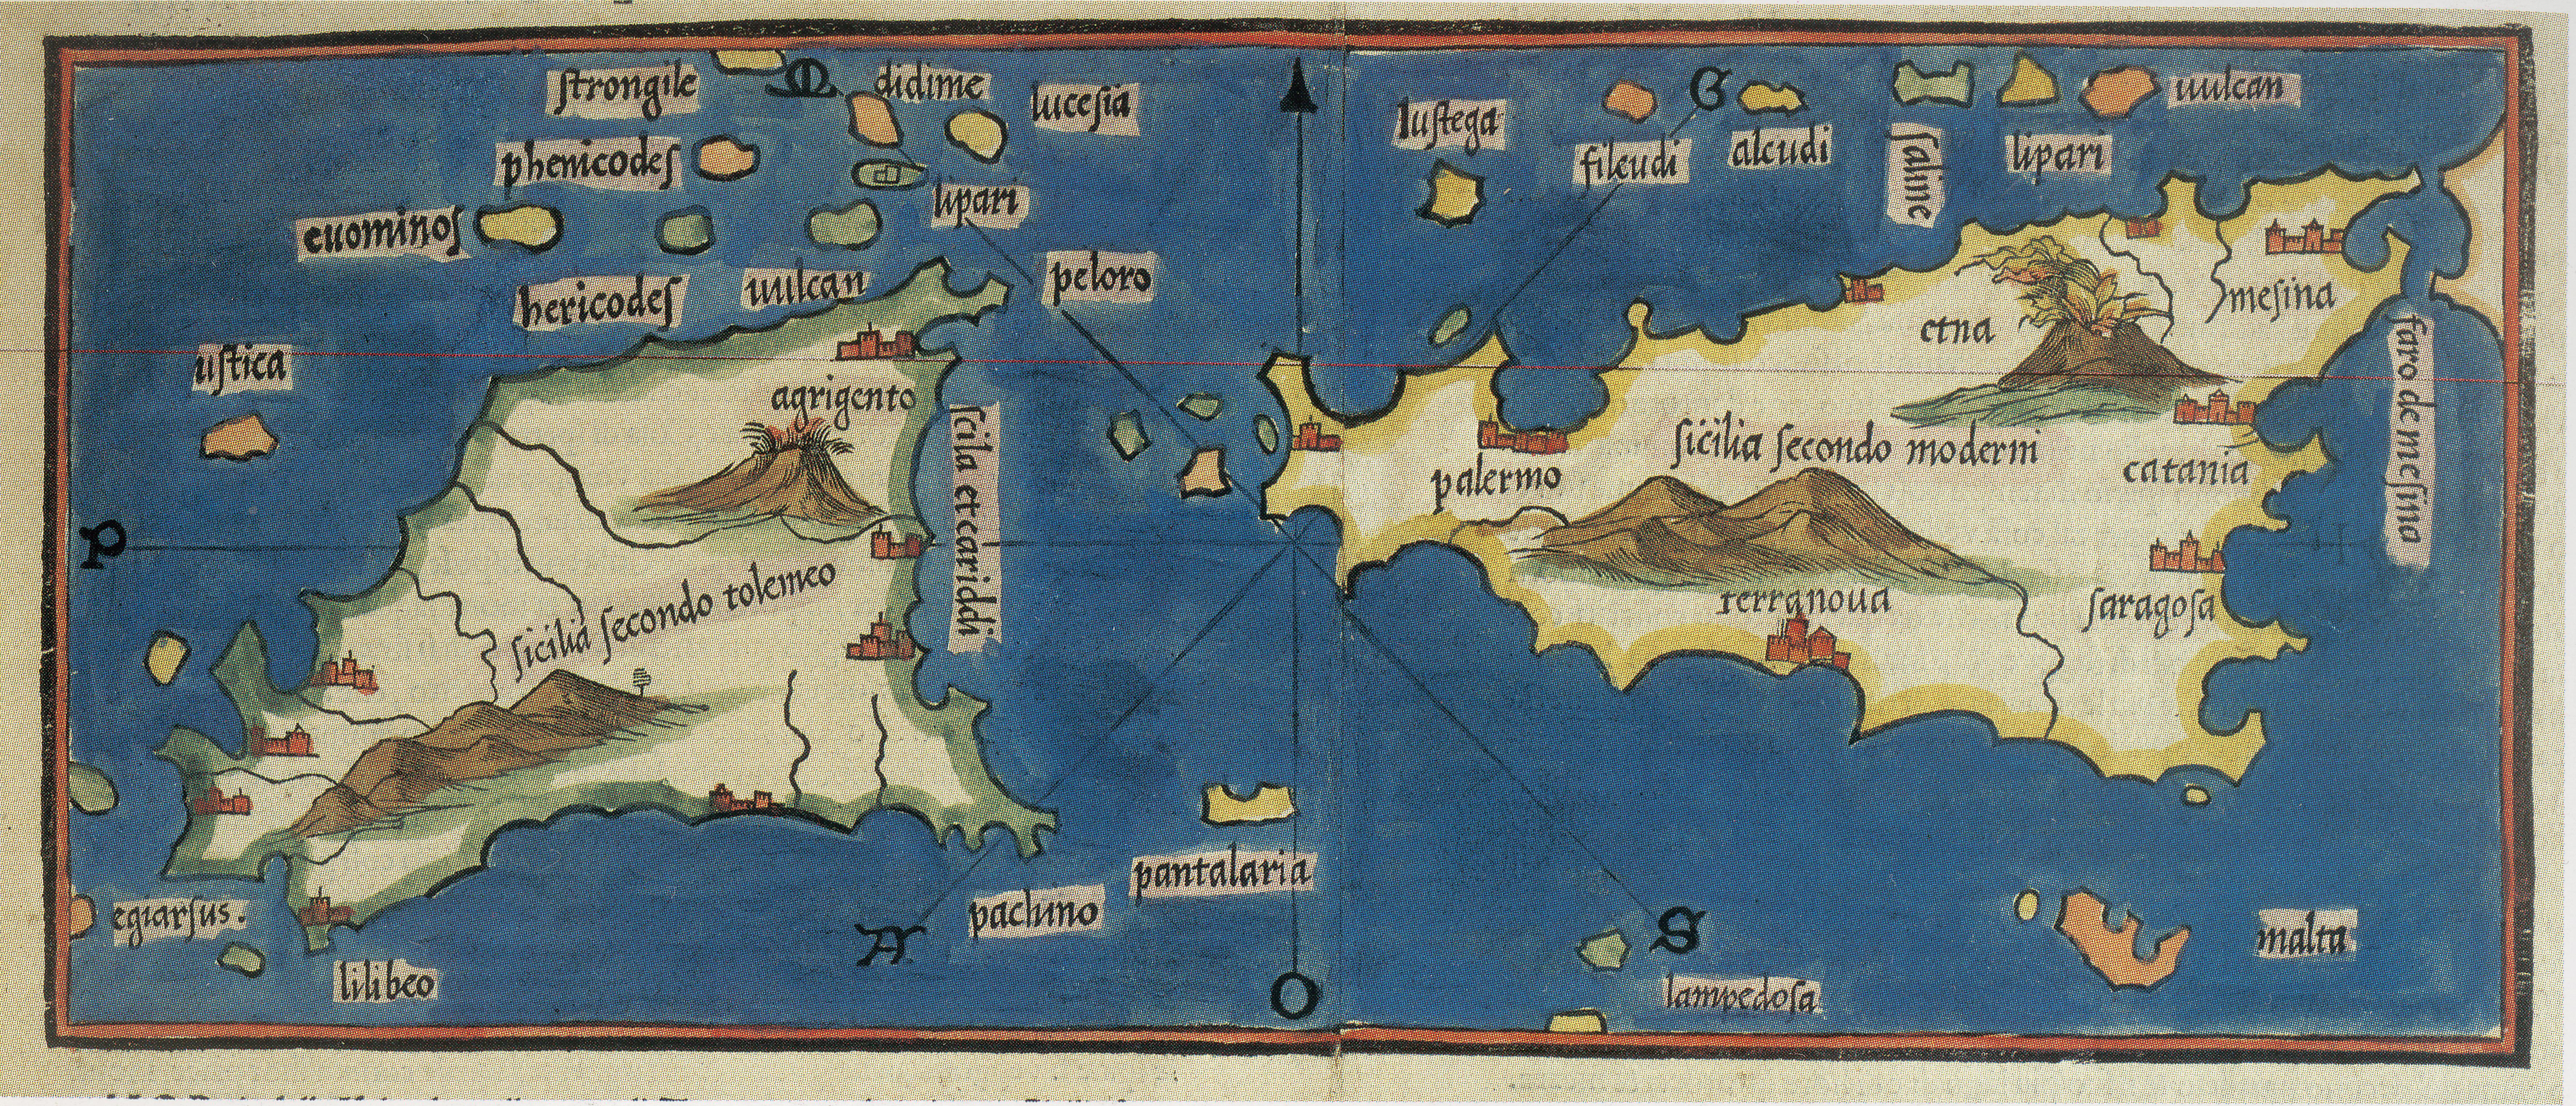 foto Sicilia secondo Tolomeo, Sicilia secondo moderni